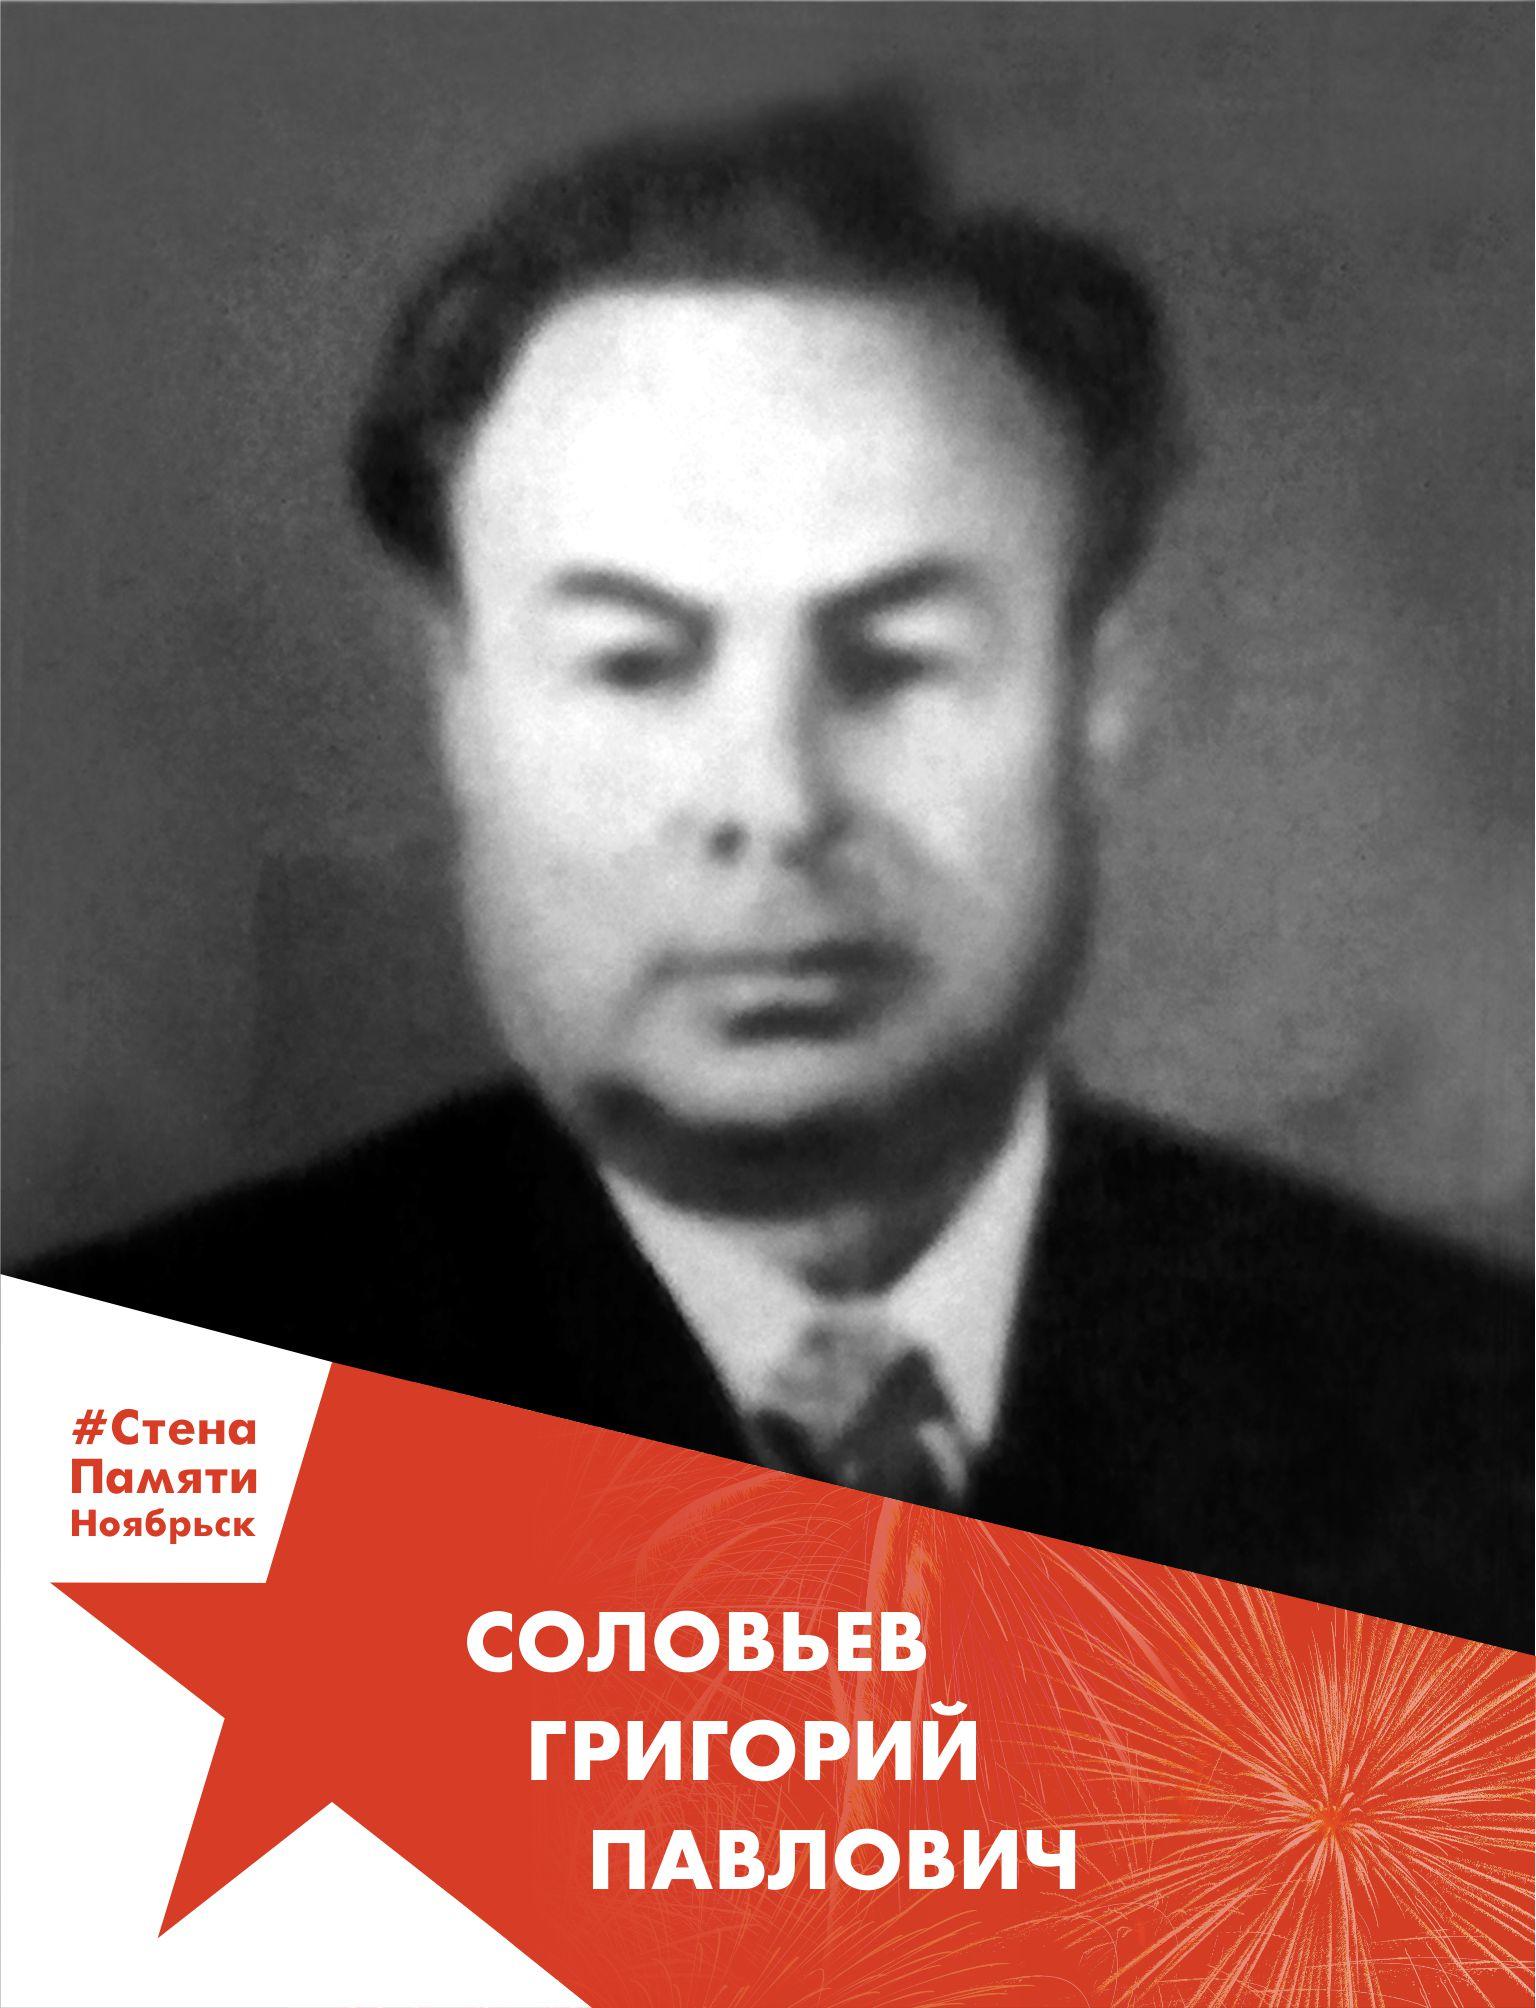 Соловьёв Григорий Павлович